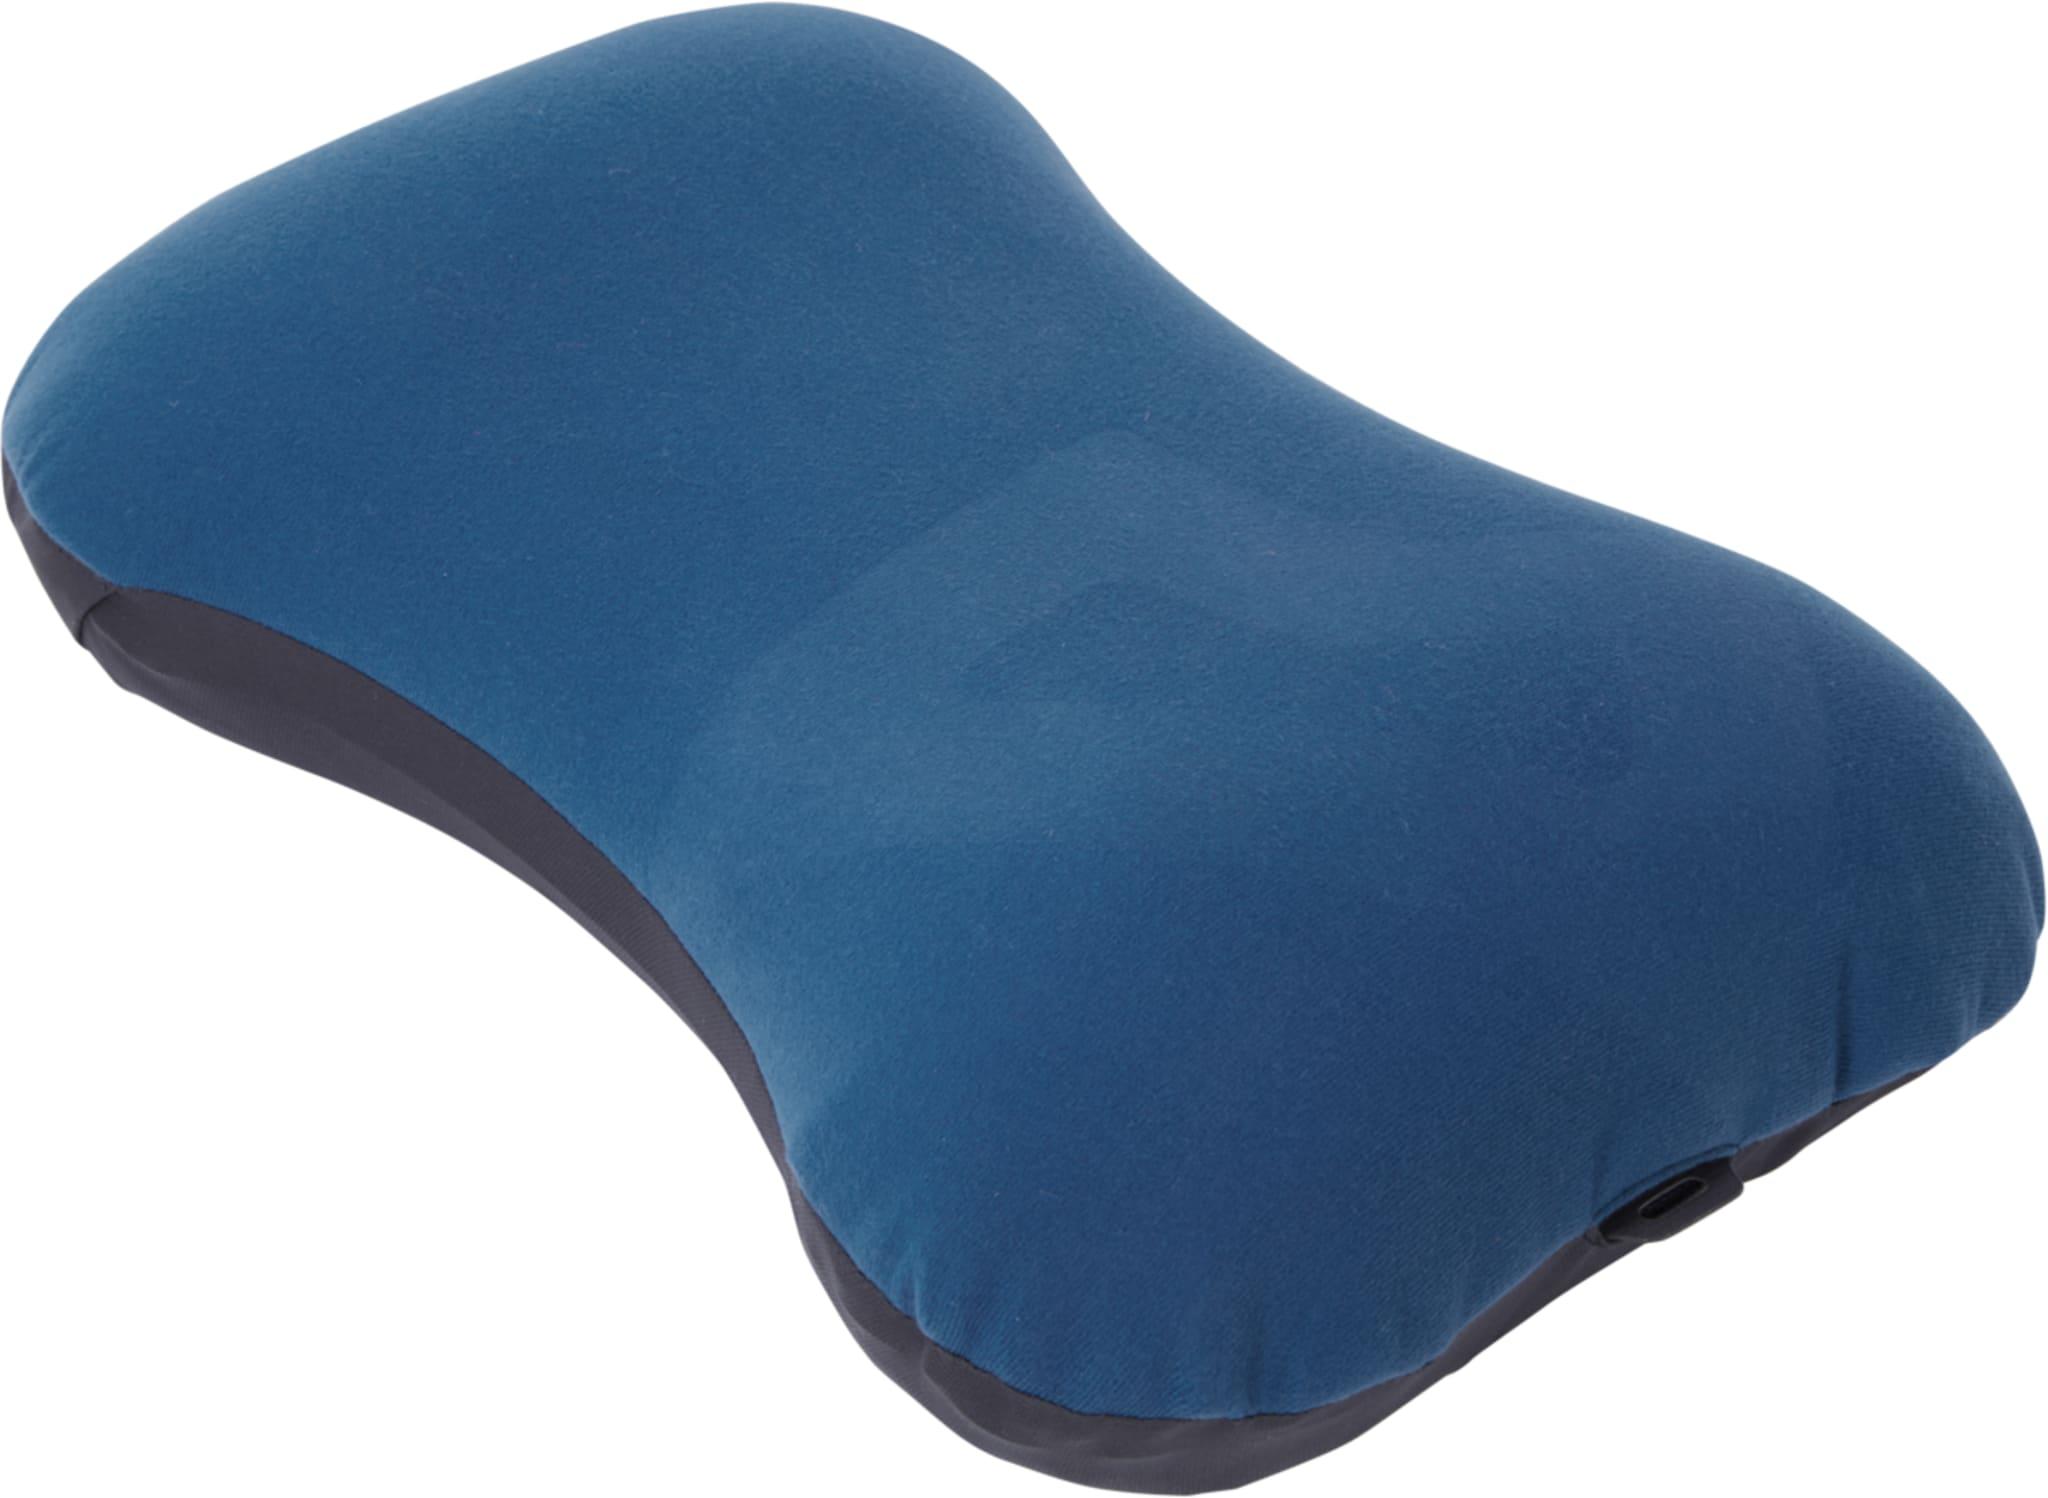 Lett og komfortabel oppblåsbar pute med syntetisk trekk